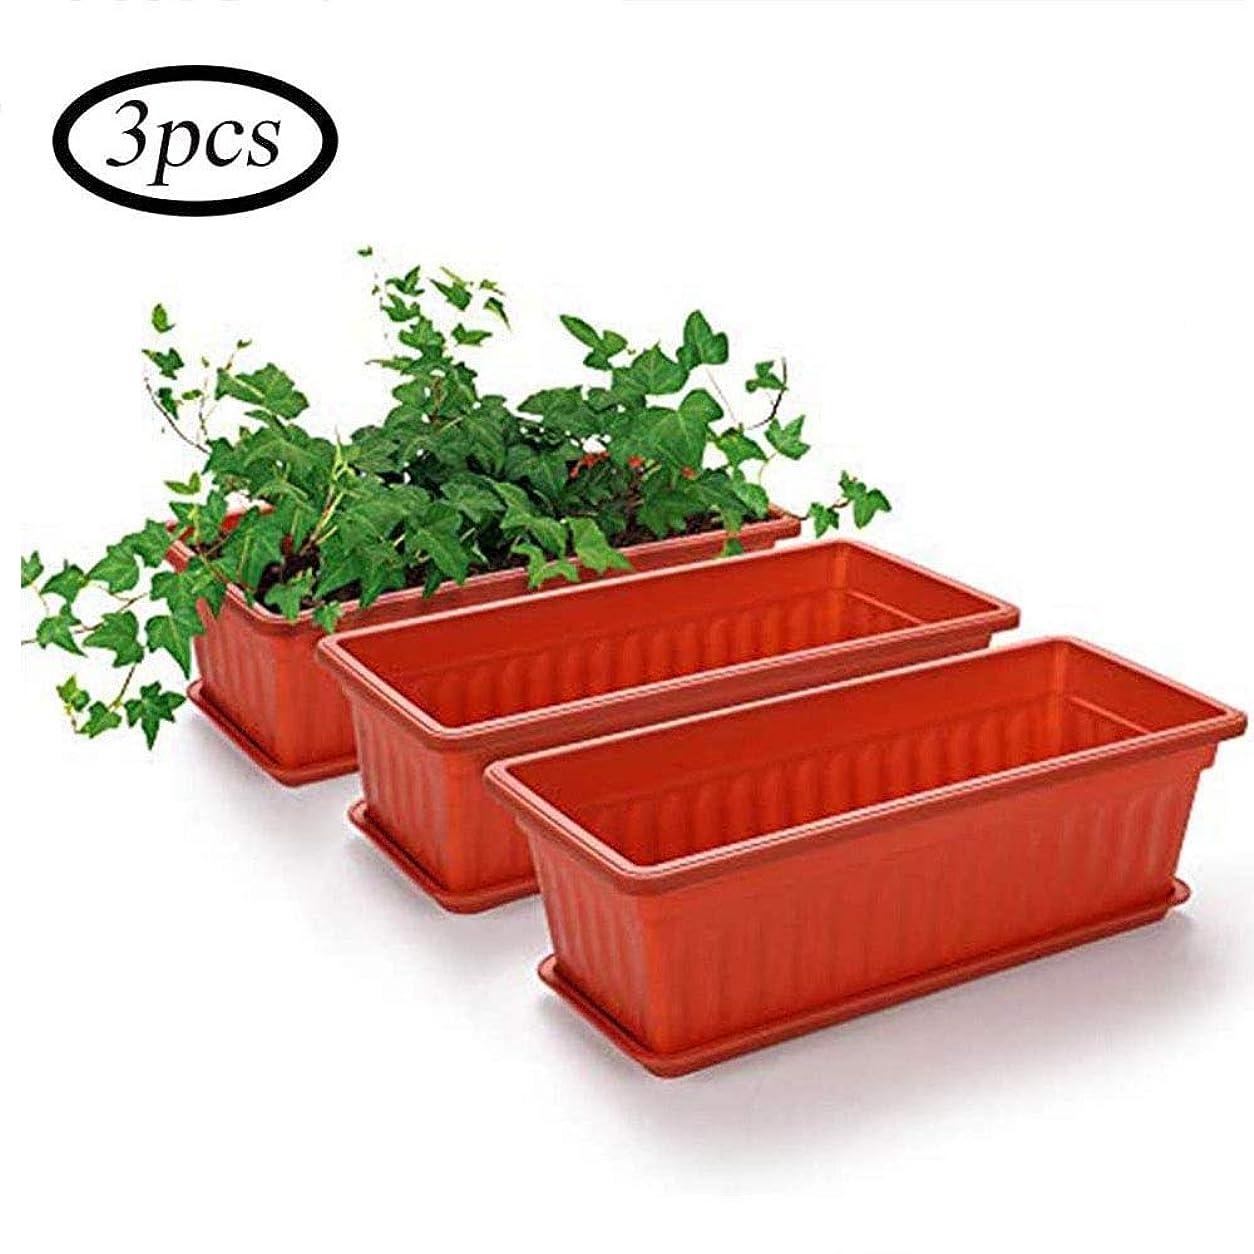 ネブ上向きテント3パック長方形フラワーウィンドウボックスプラスチックプランター、野菜栽培コンテナガーデンフラワーポット保育園ポット、窓辺、パティオ、ガーデン,赤,XL